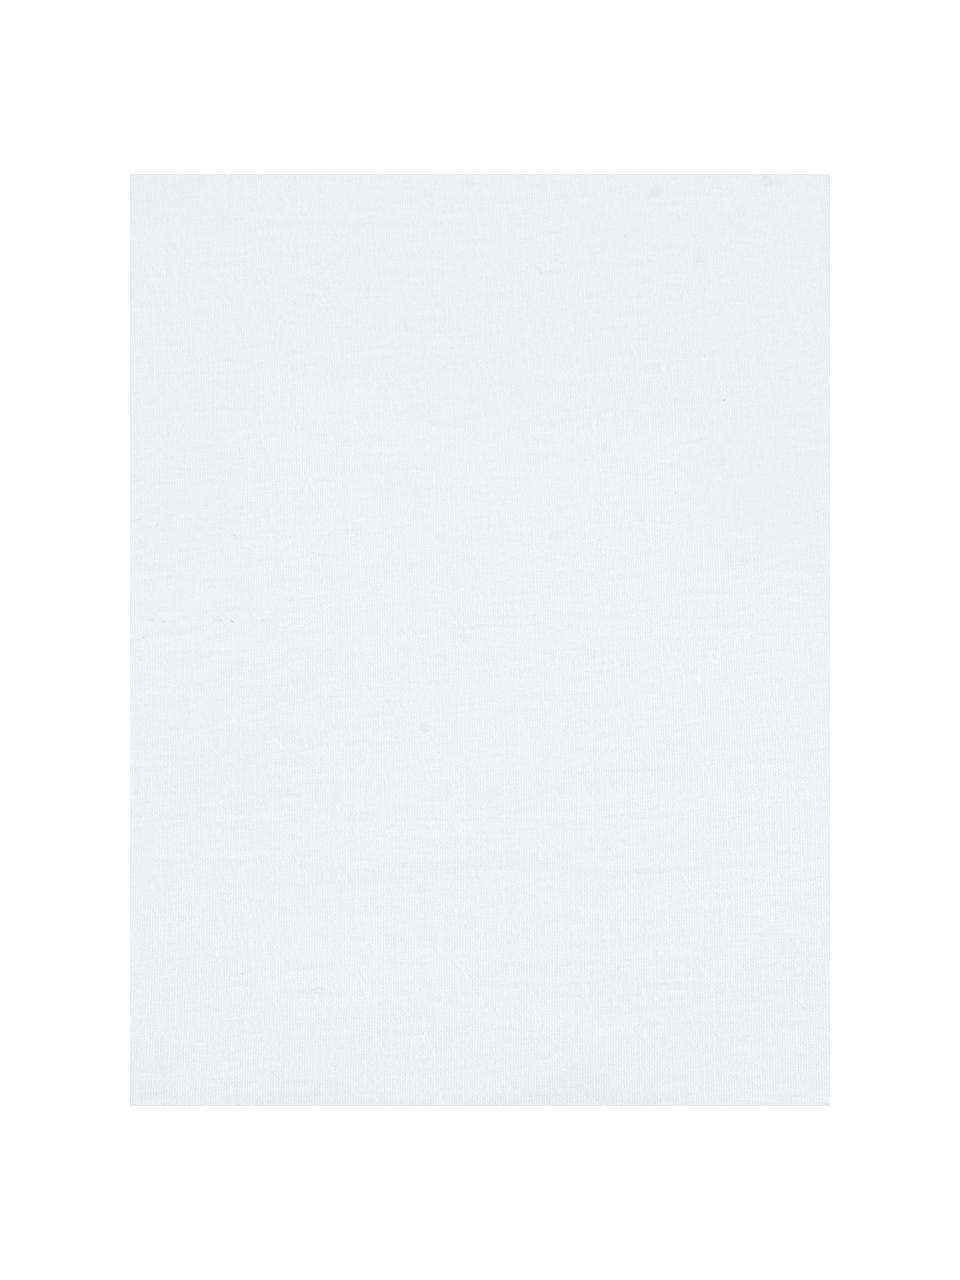 Gewaschene Baumwoll-Bettwäsche Florence mit Rüschen, Webart: Perkal Fadendichte 180 TC, Weiß, 200 x 200 cm + 2 Kissen 80 x 80 cm